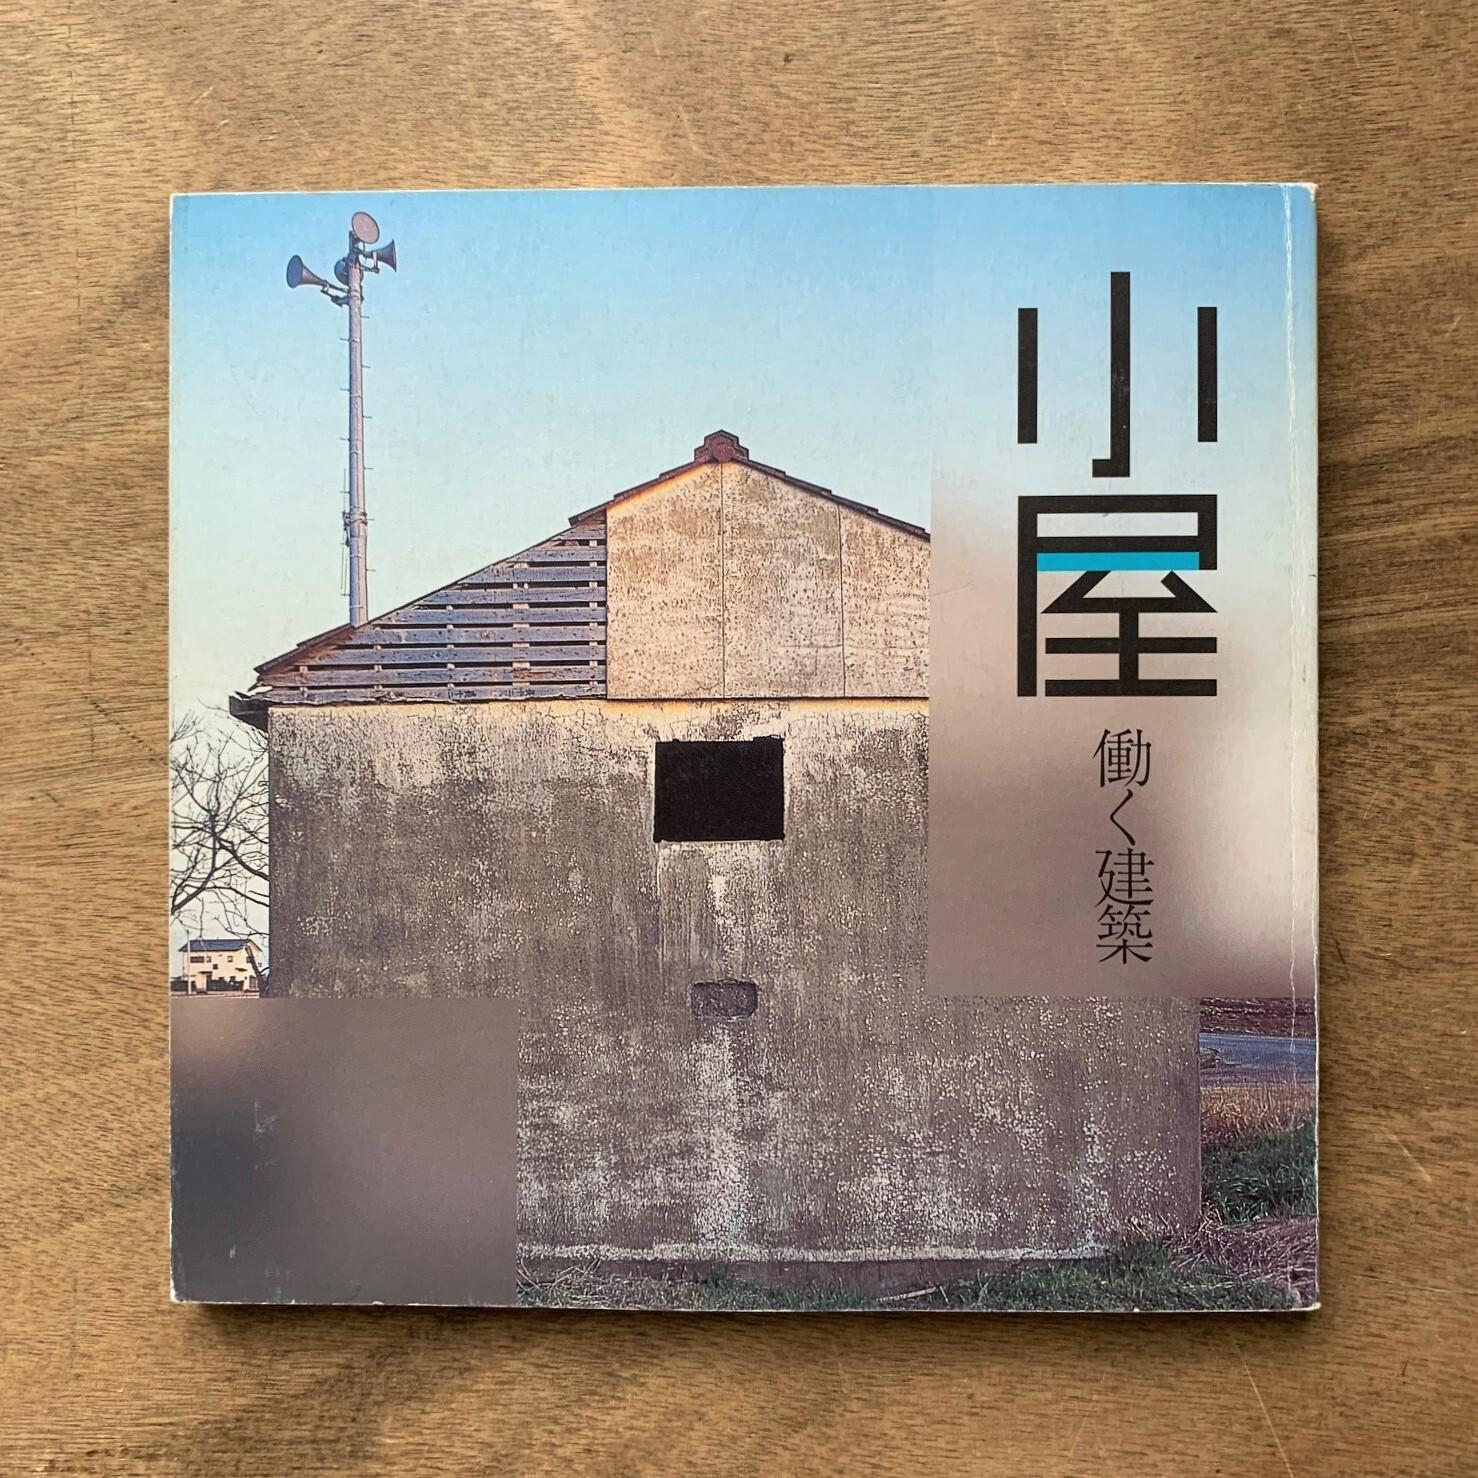 小屋 働く建築 / イナックスブックレット /  INAX出版  2004年